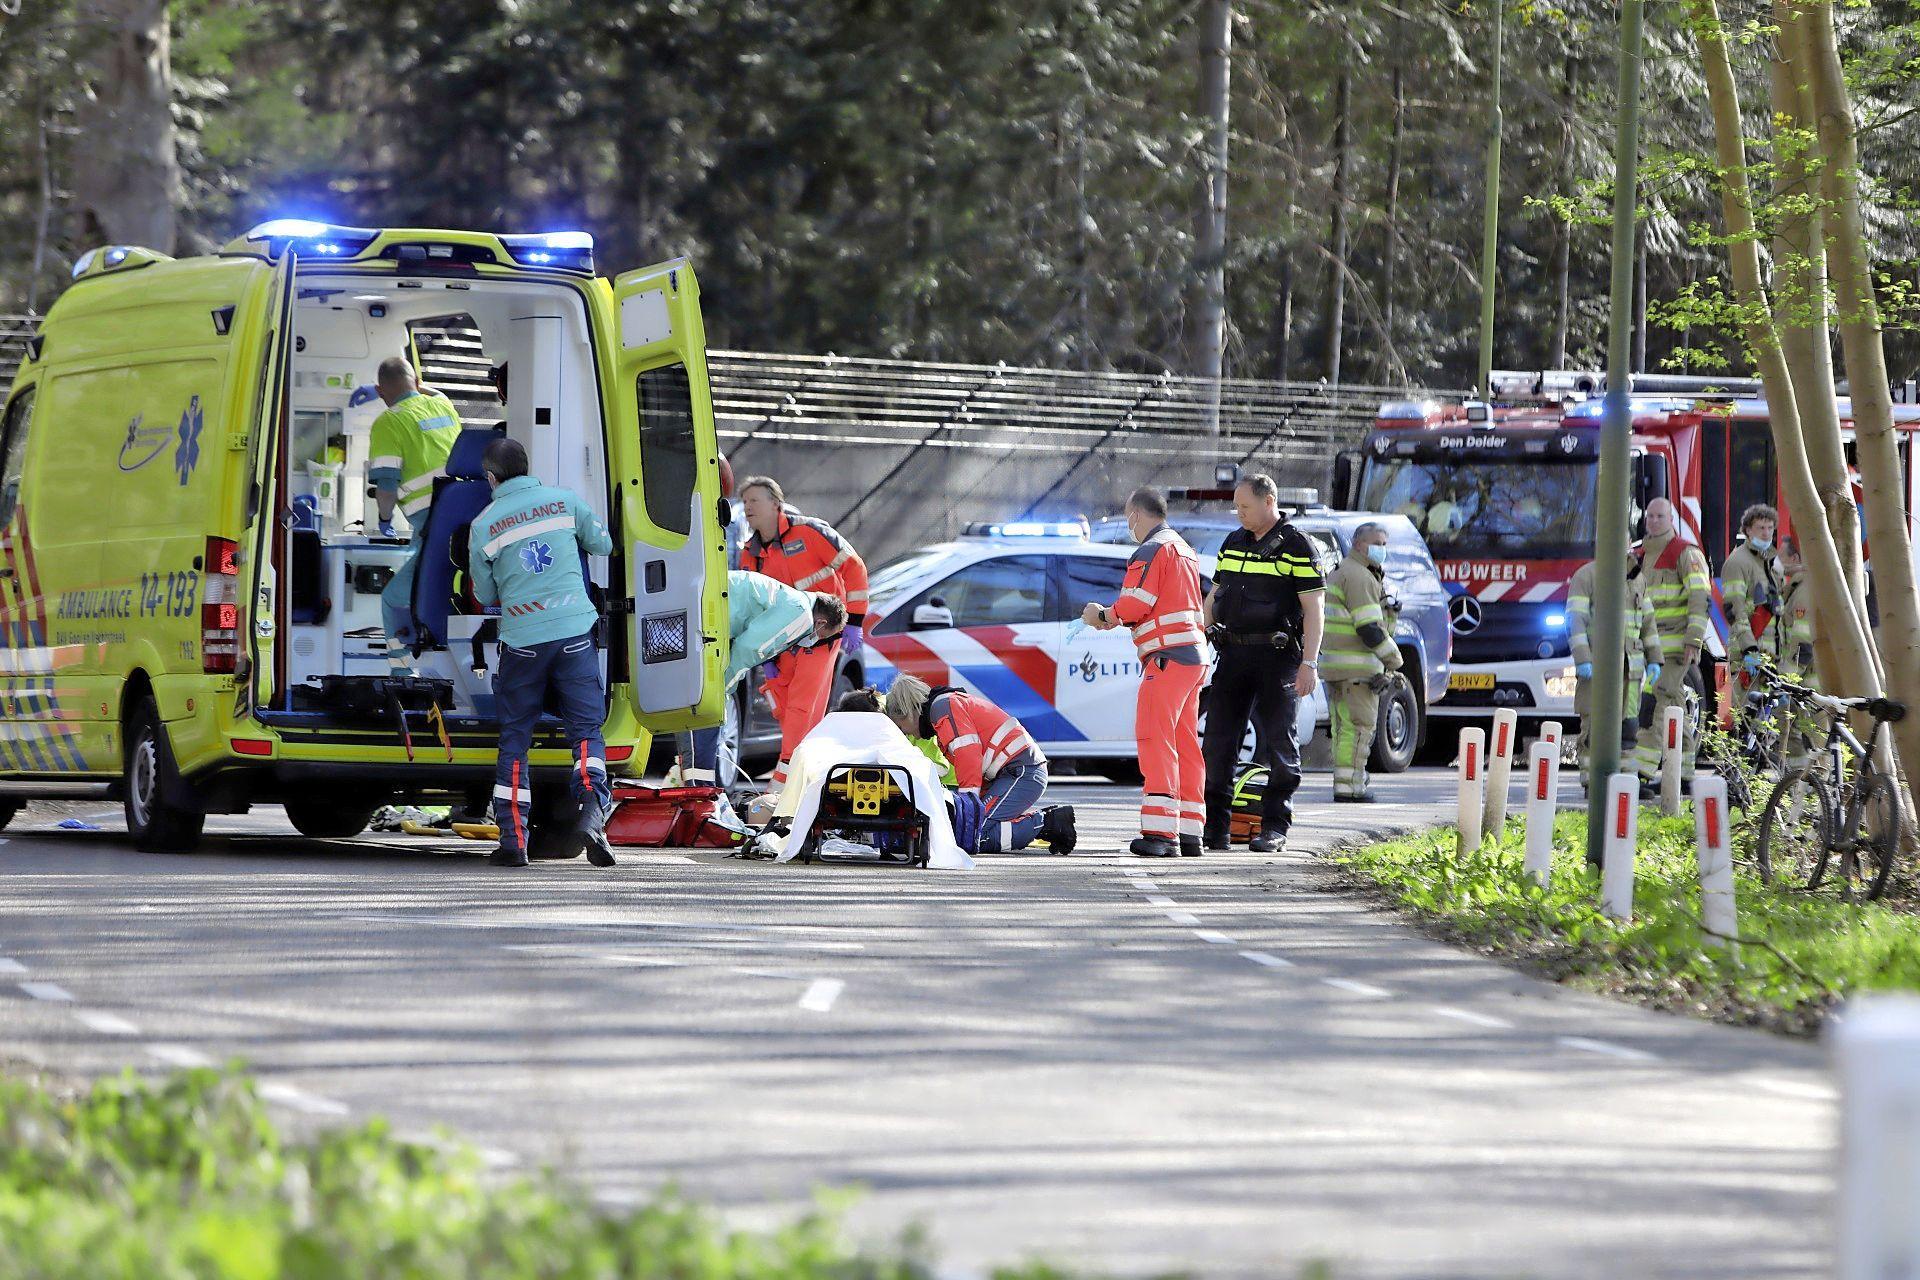 Wielrenner gereanimeerd na valpartij in Lage Vuursche, slachtoffer met spoed naar ziekenhuis